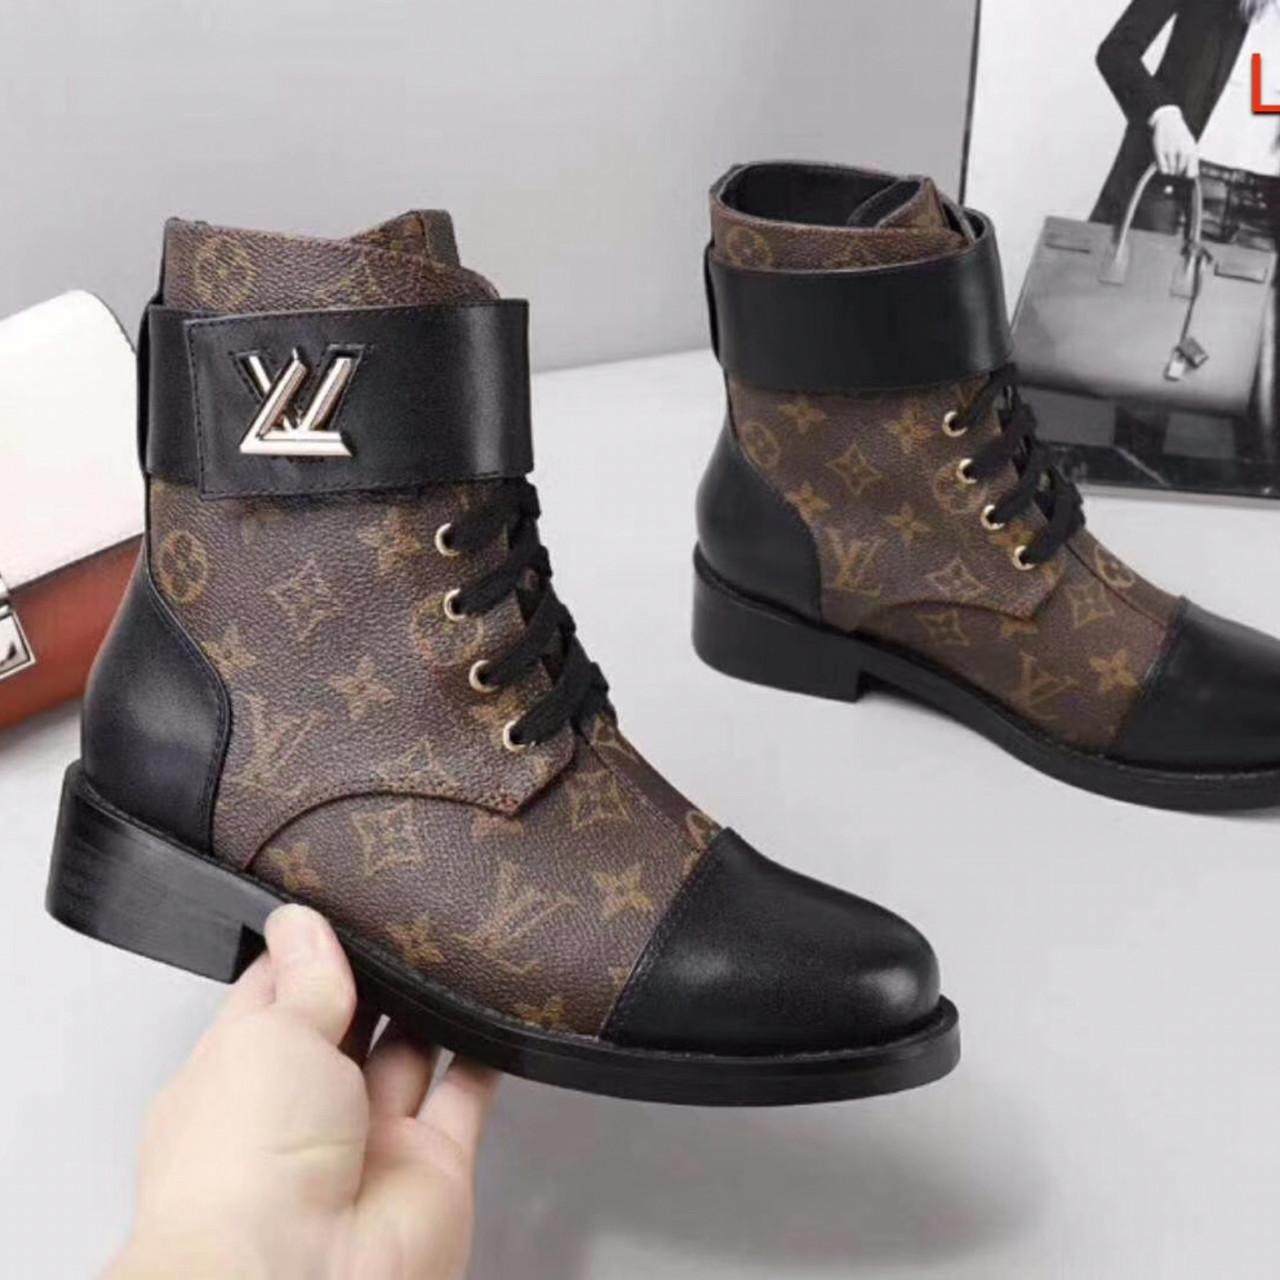 Жіночі черевики Луї Вітон натуральна шкіра 35-41 р